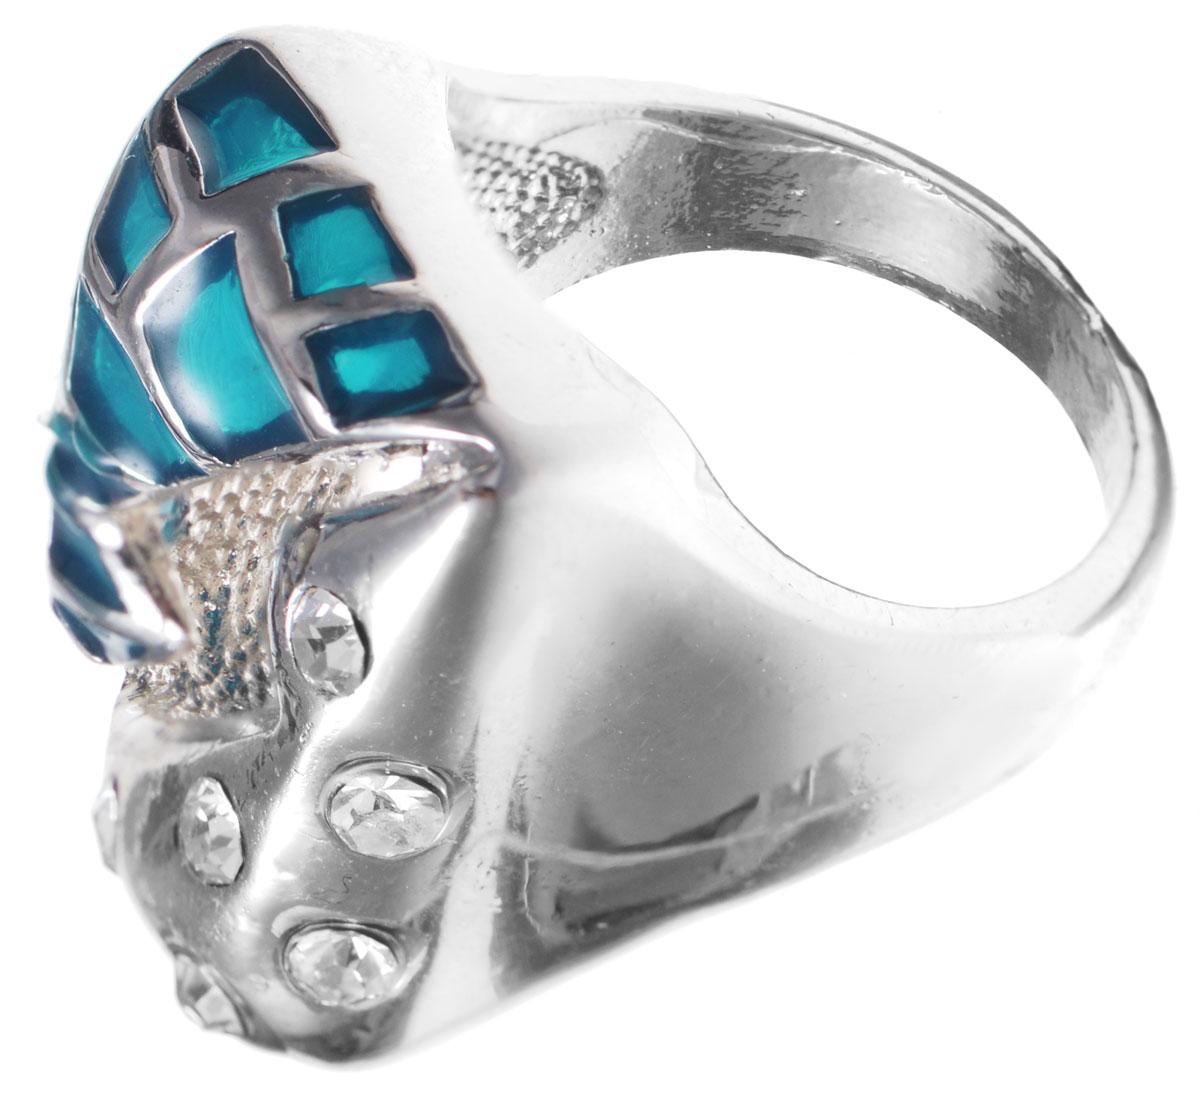 Кольцо Taya, цвет: синий, серебряный. Размер 19. T-B-8698T-B-8698-RING-BLUEОригинальное кольцо Taya выполнено из бижутерийного сплава, дополнено вставками из сияющих камней и стекла. Стильное кольцо придаст вашему образу изюминку, подчеркнет индивидуальность.